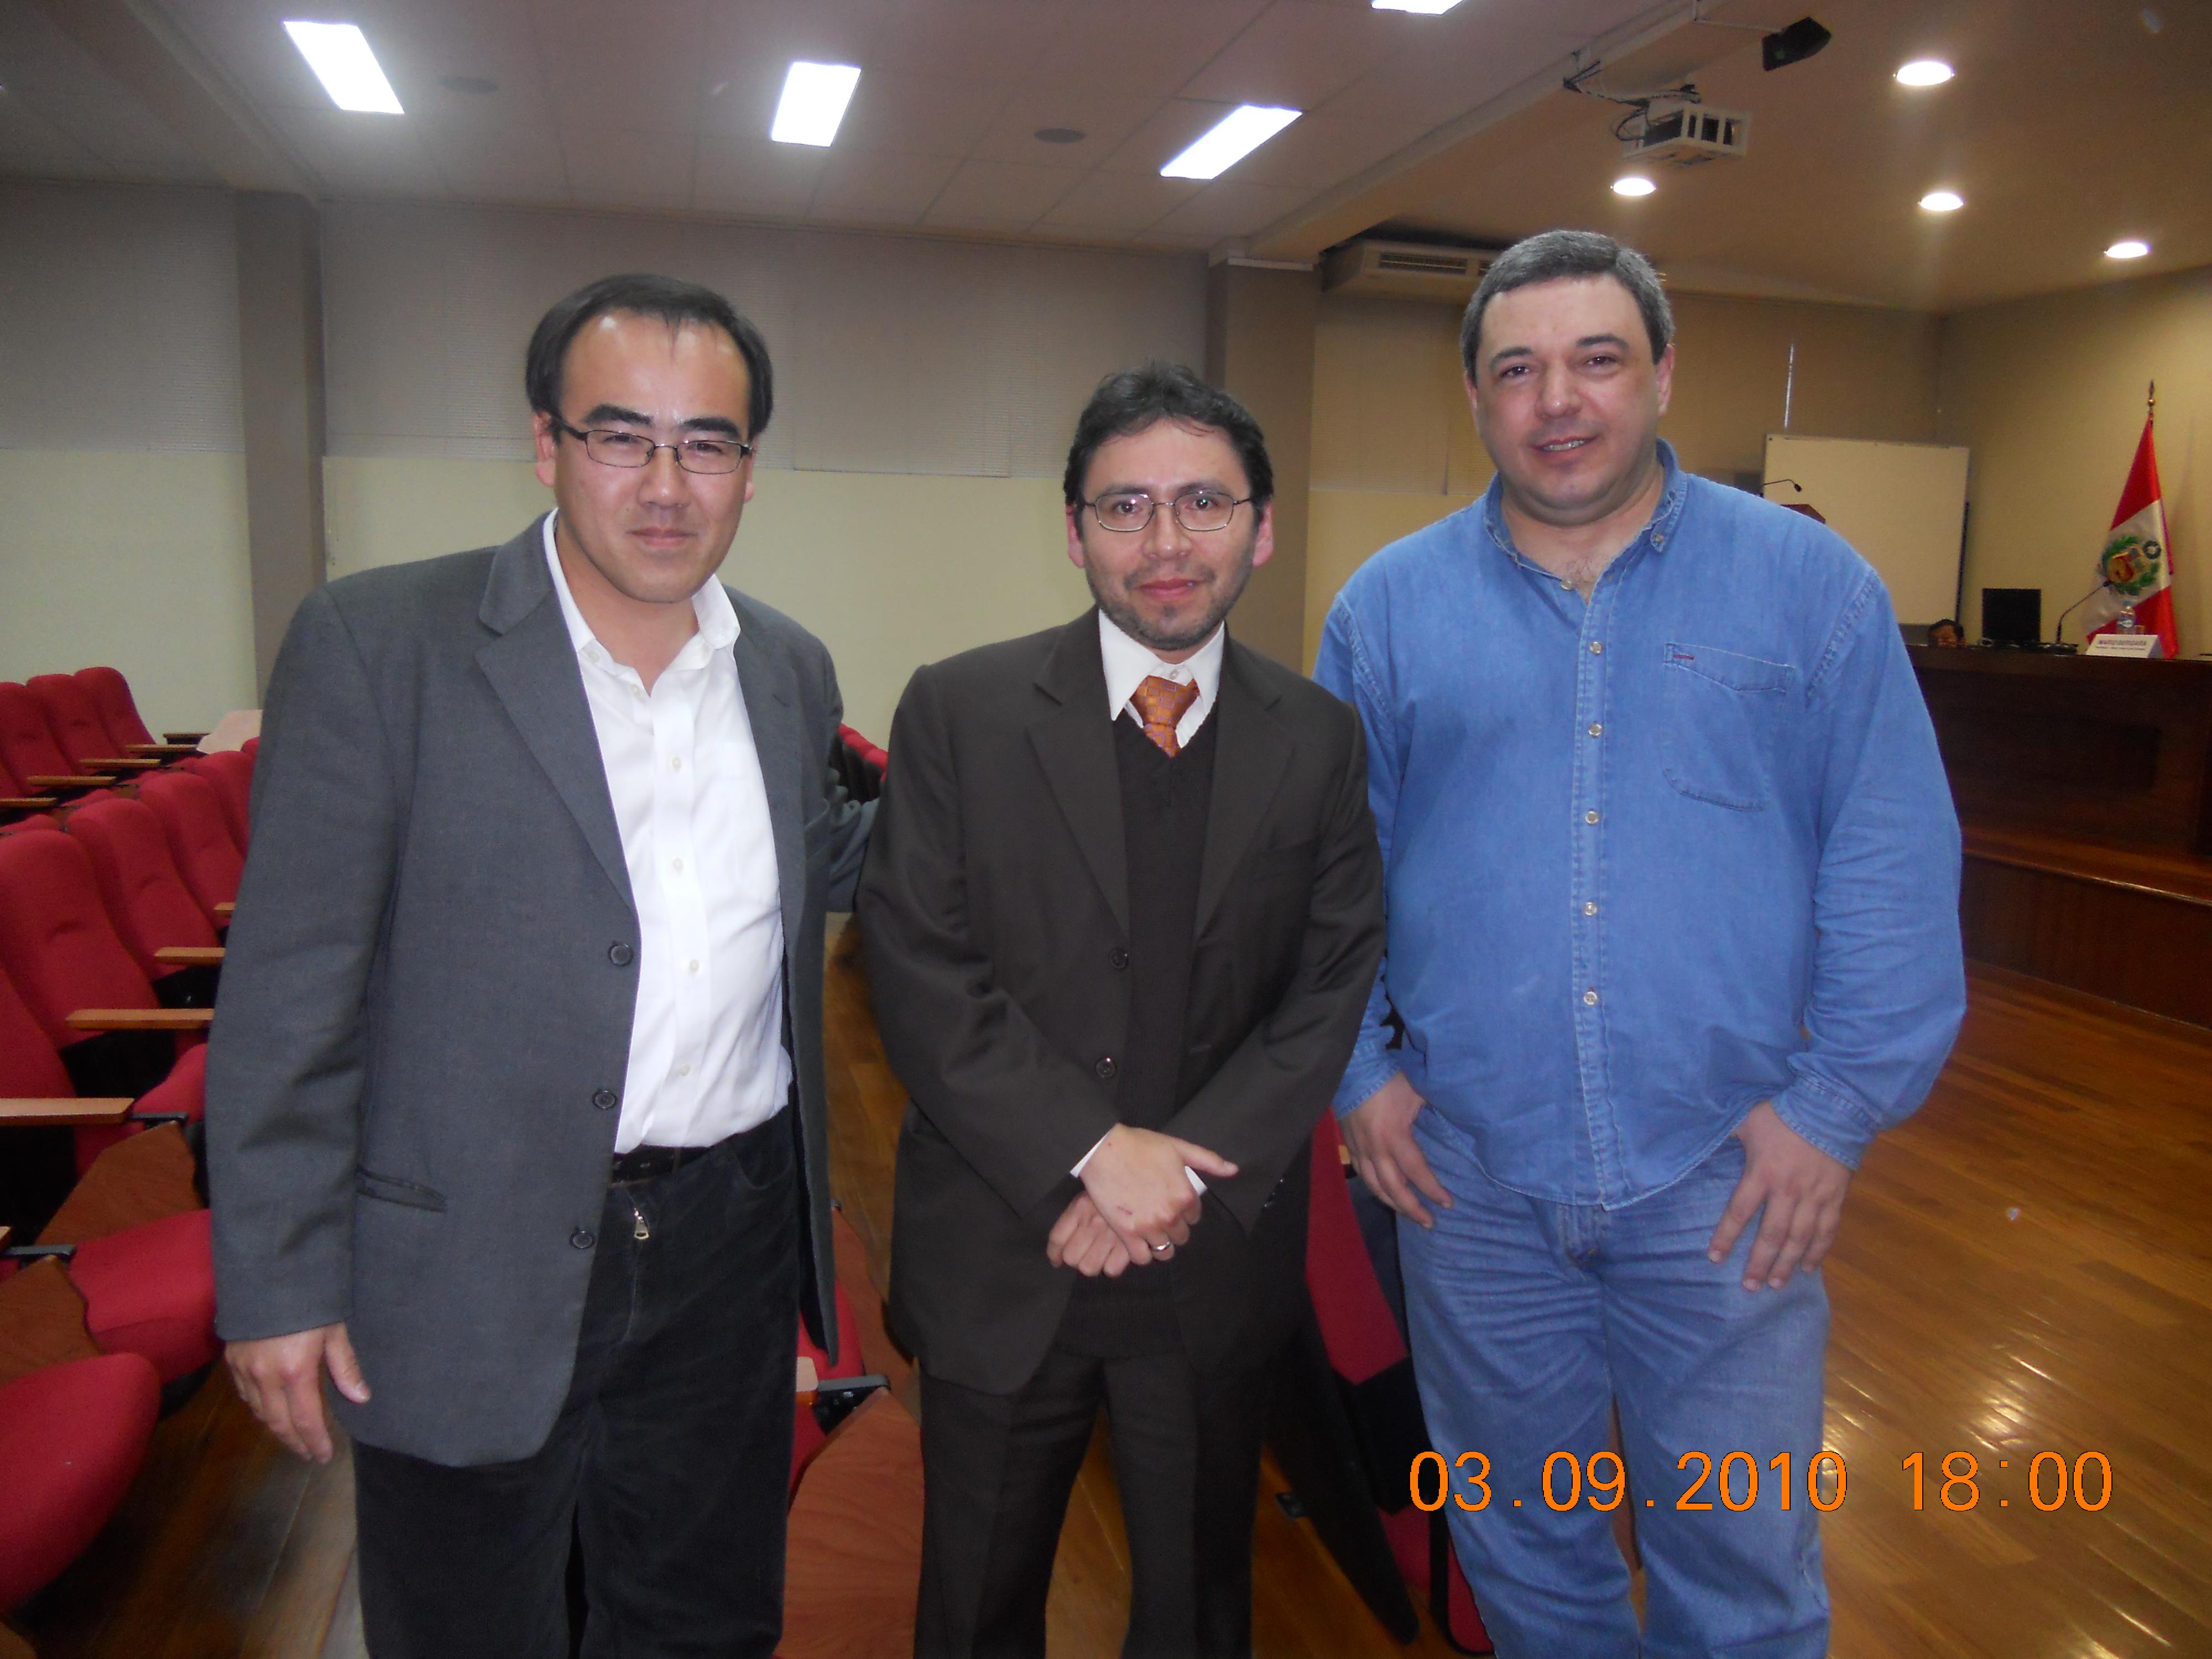 De izquierda a derecha: profesores José Gallardo (PUCP